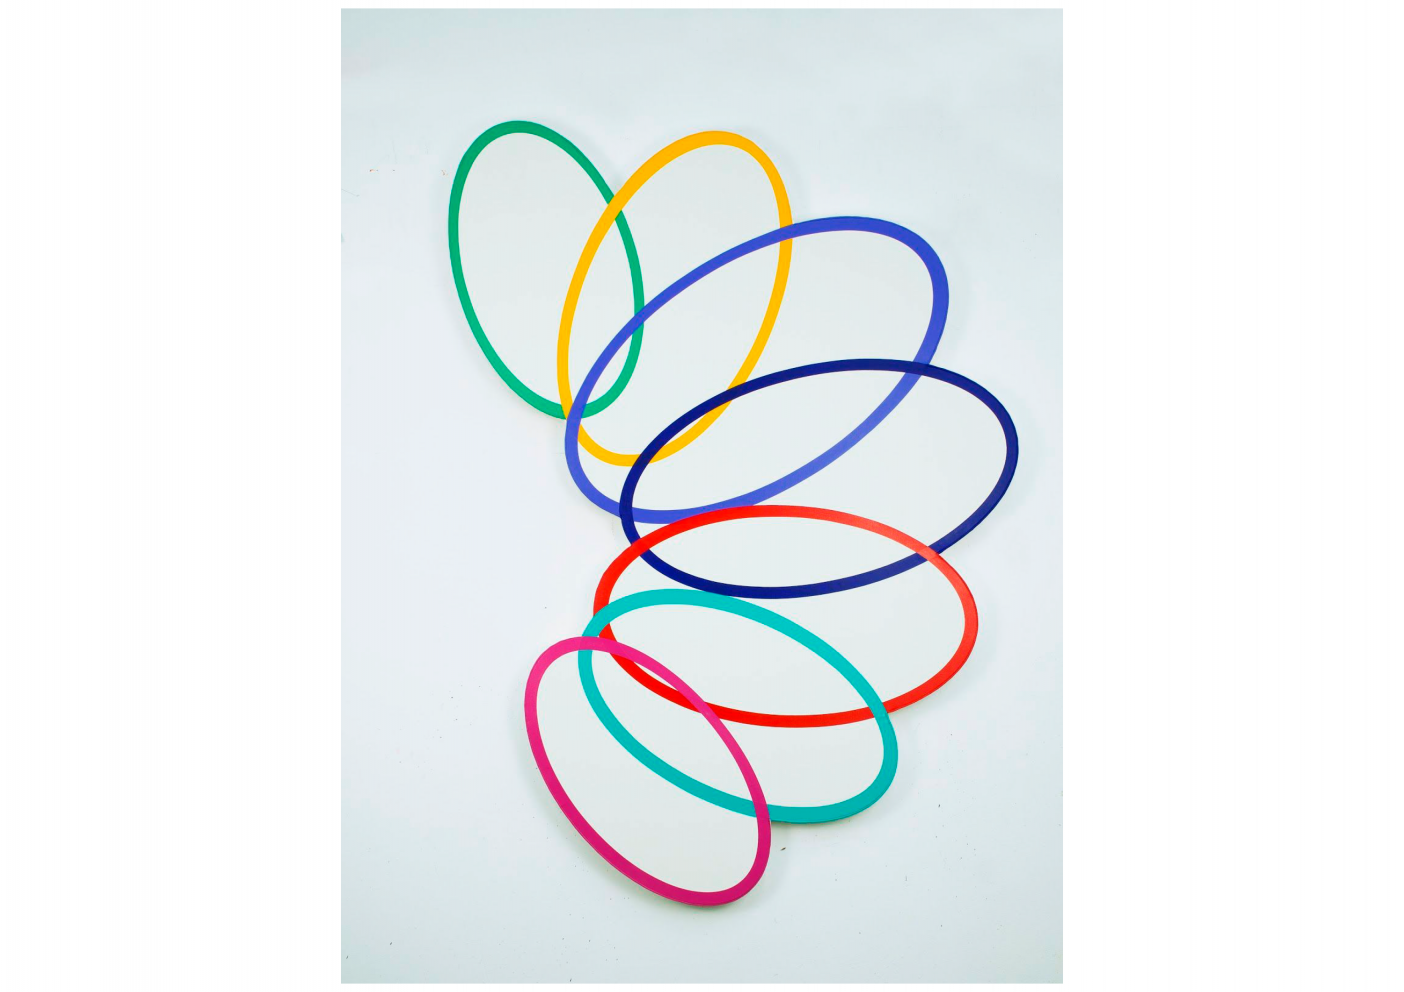 MOVIMIENTO LINEAL (2020) - Cisco Merel